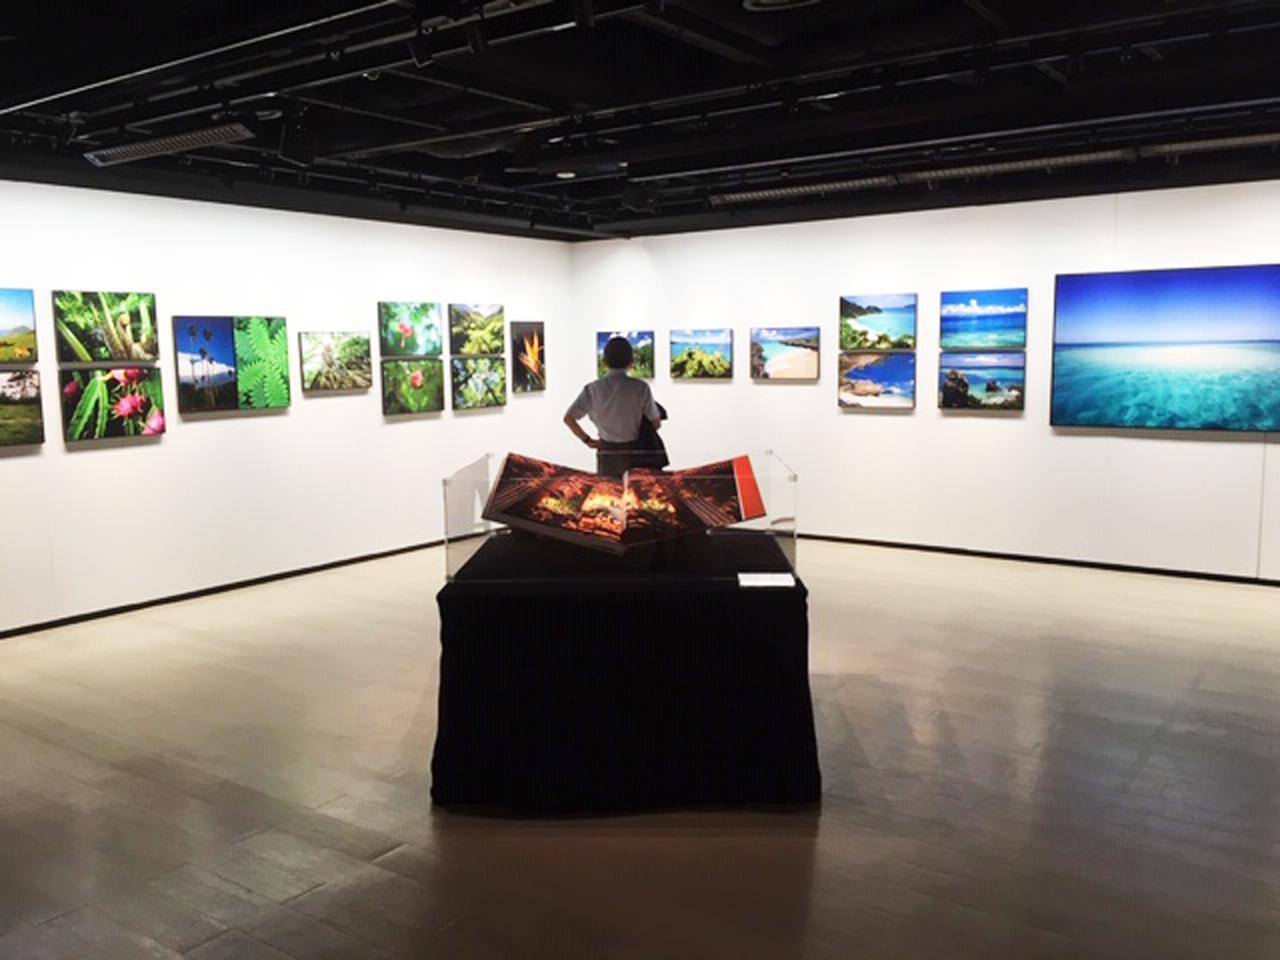 画像: 三好和義写真展『日本の楽園島』は、ニコンプラザ新宿 THE GALLERY 1+2で開催中です。